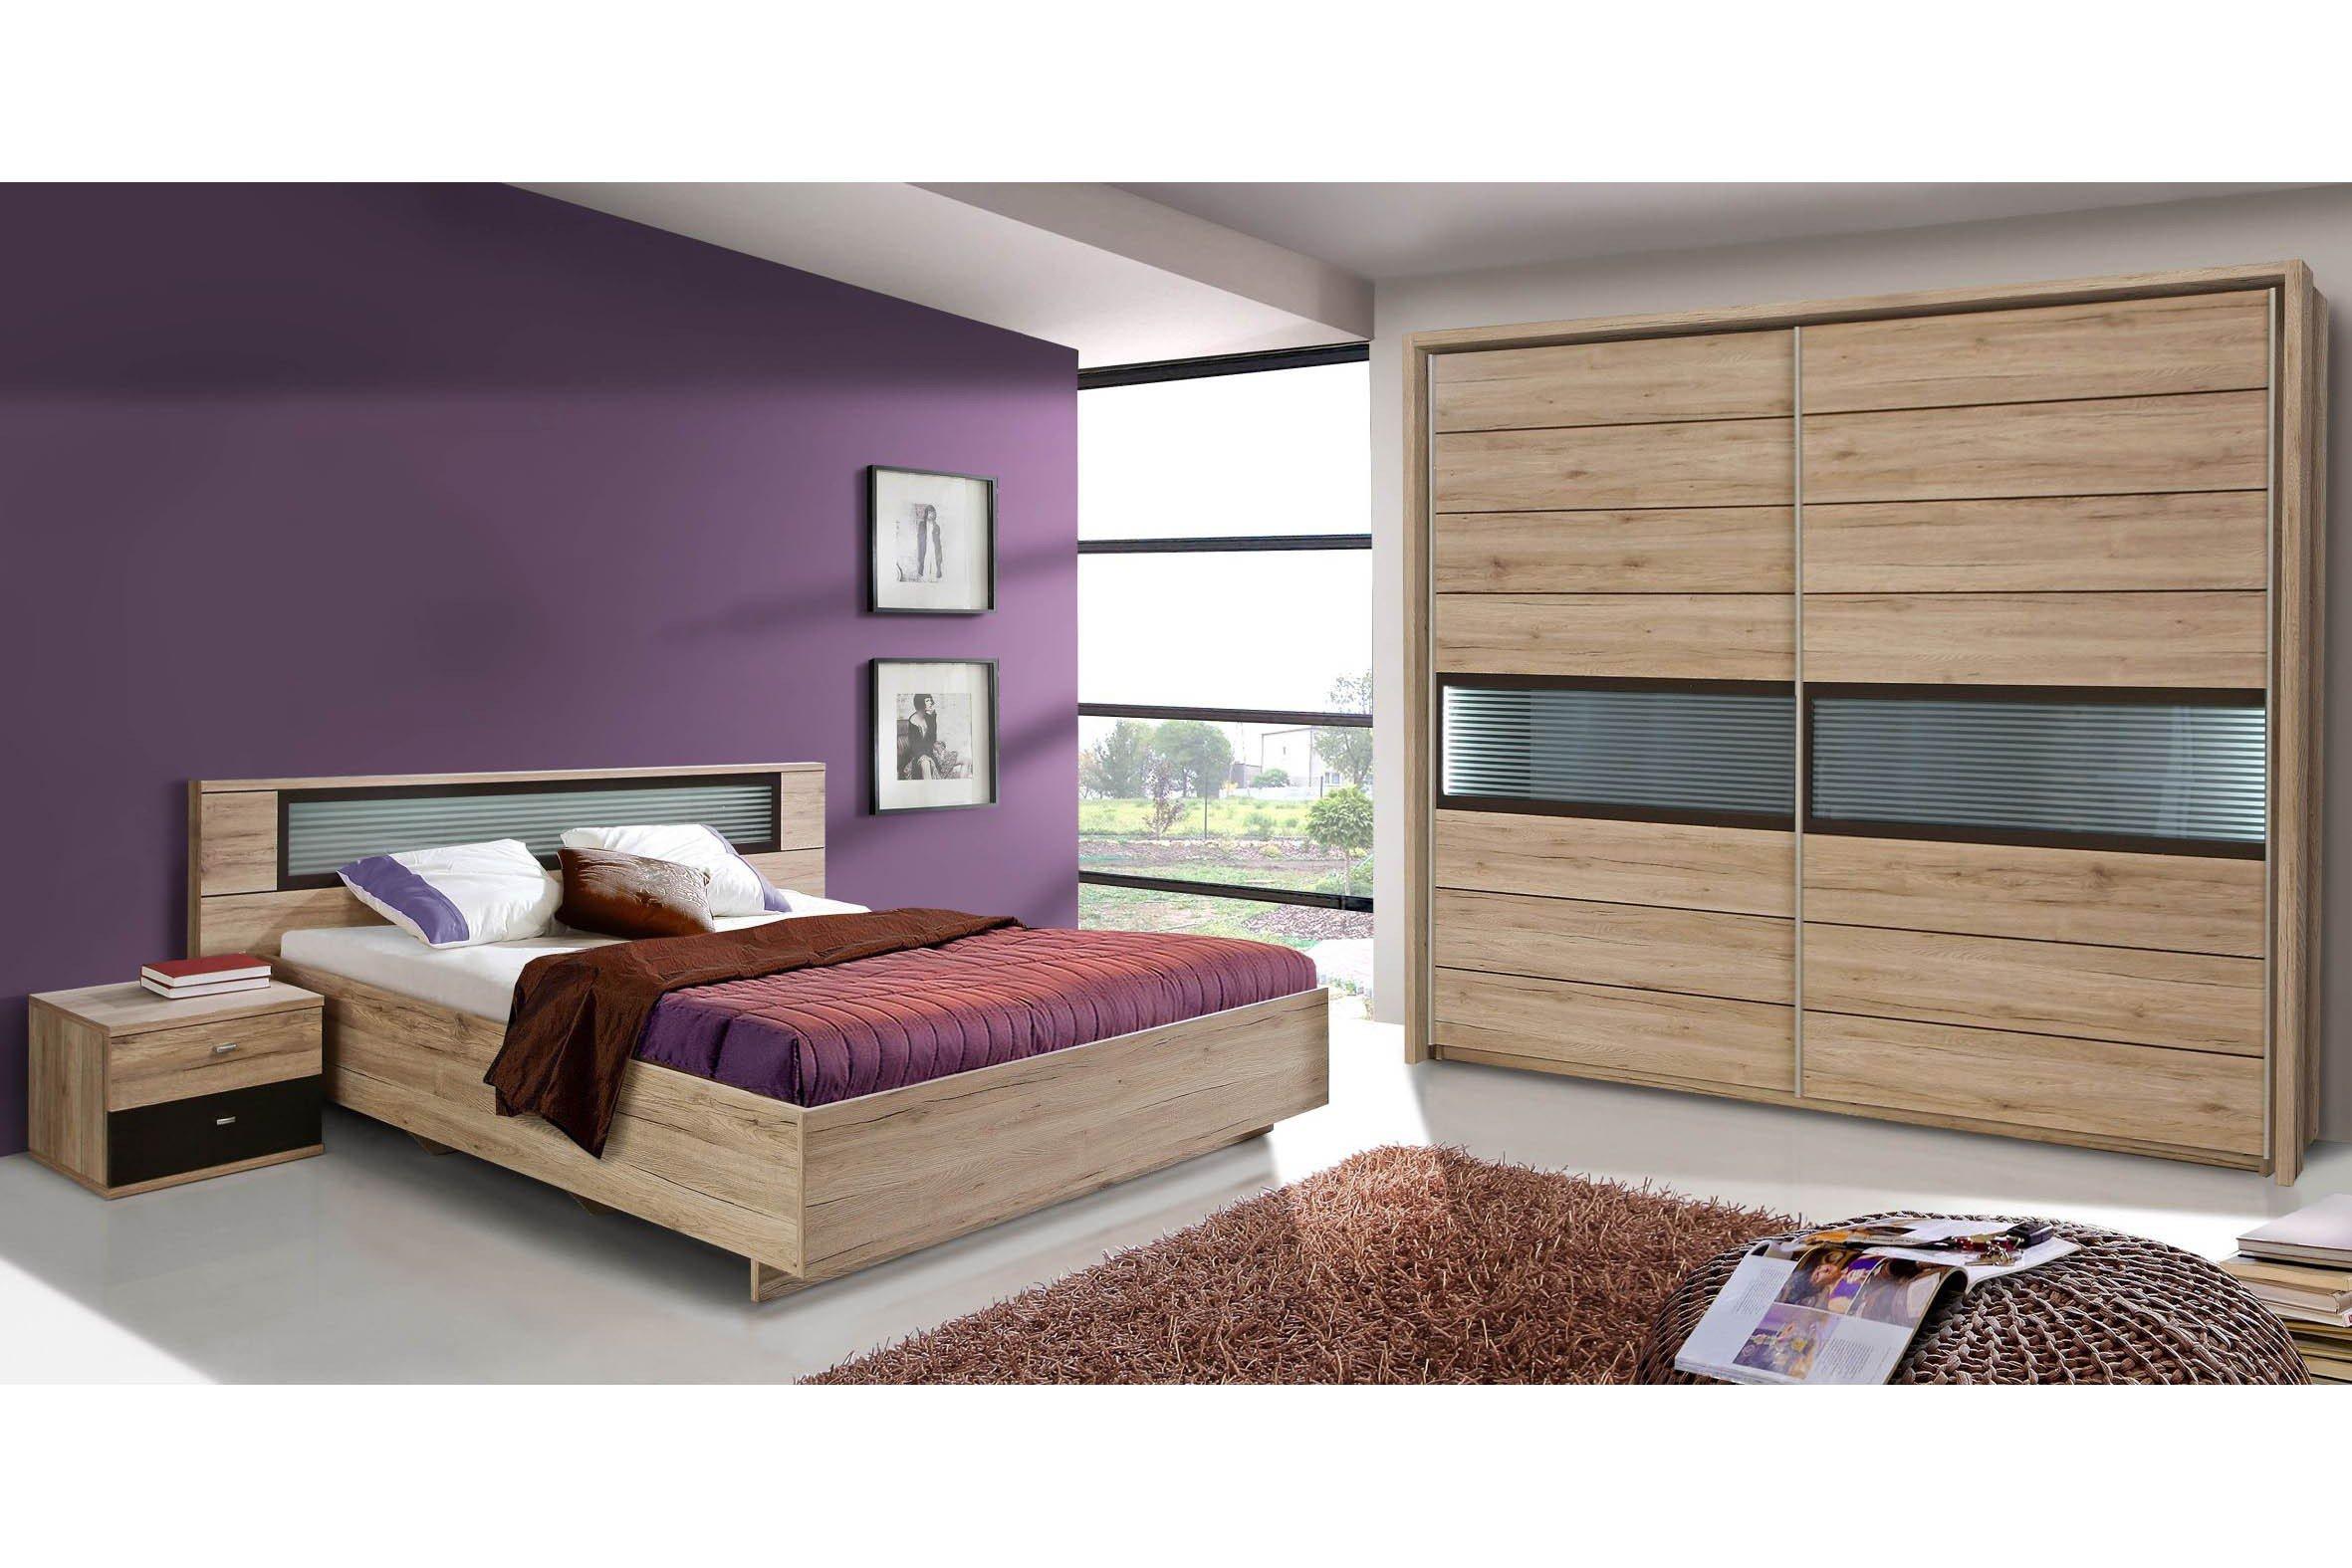 forte celano schlafzimmer set sandeiche nachbildung m bel letz ihr online shop. Black Bedroom Furniture Sets. Home Design Ideas